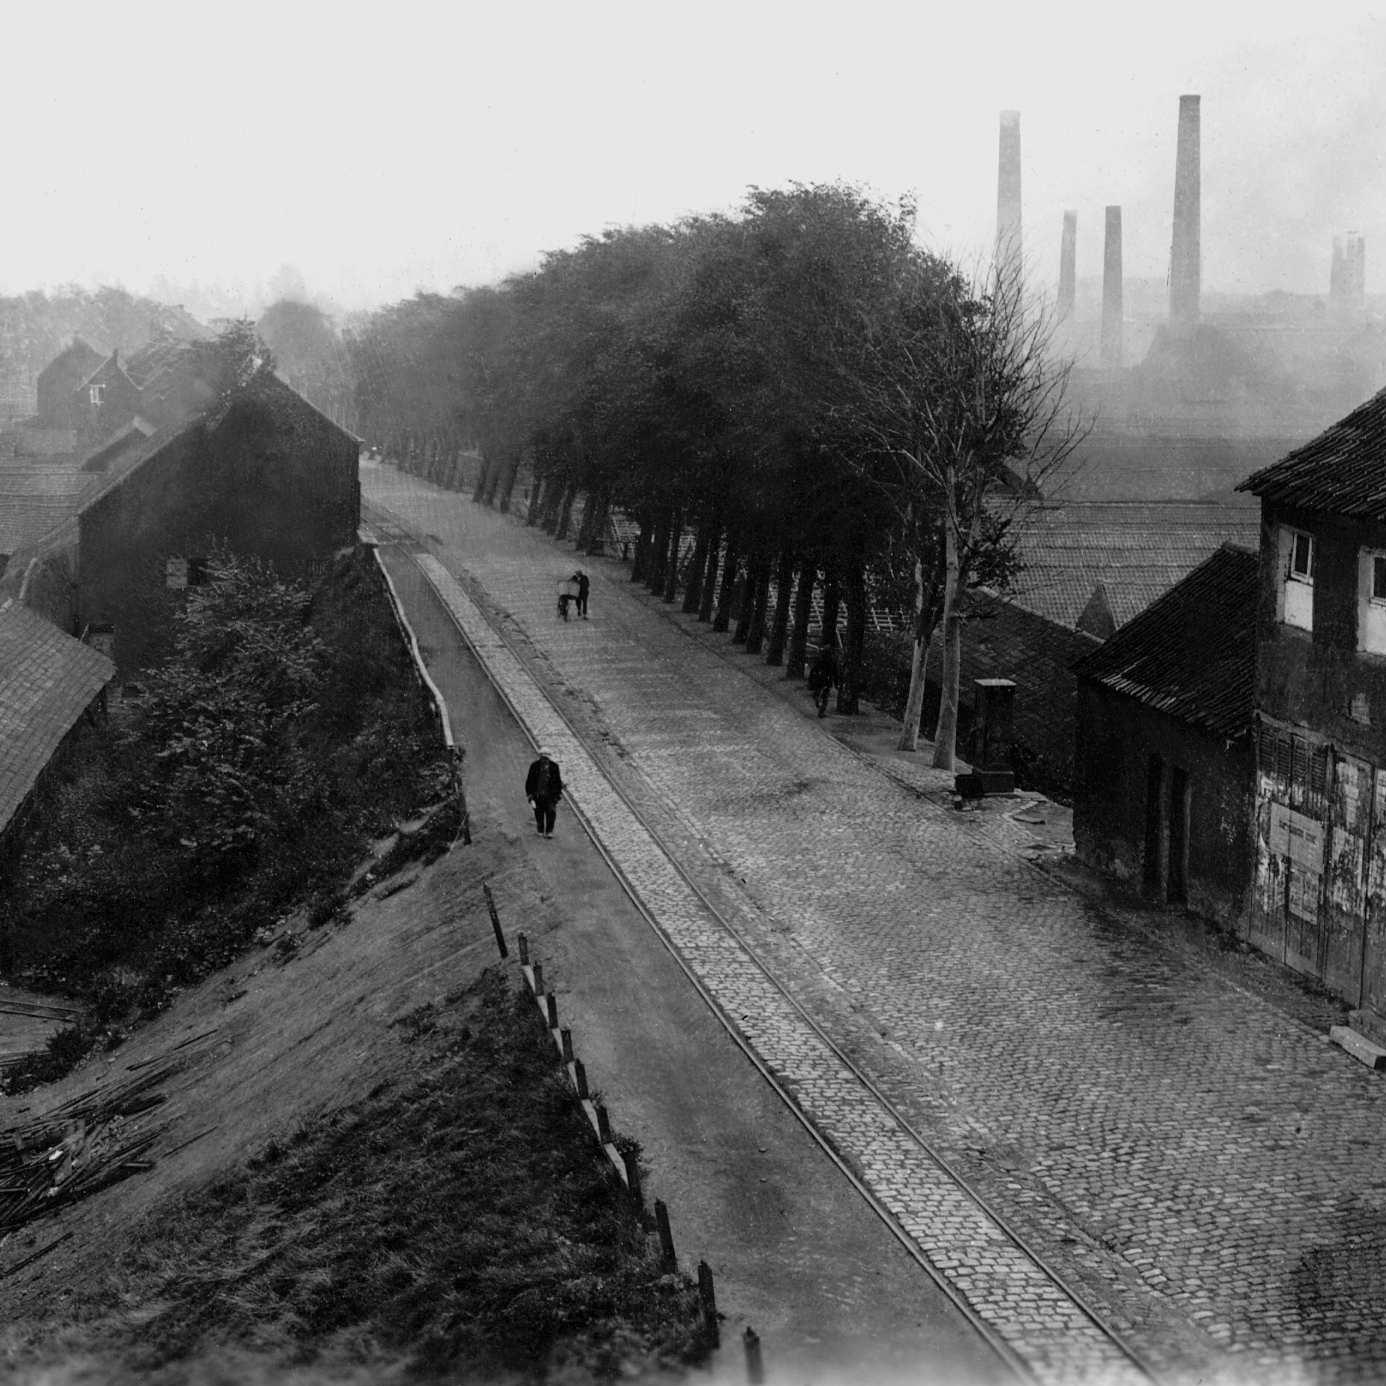 Nielsestraat 20e eeuw